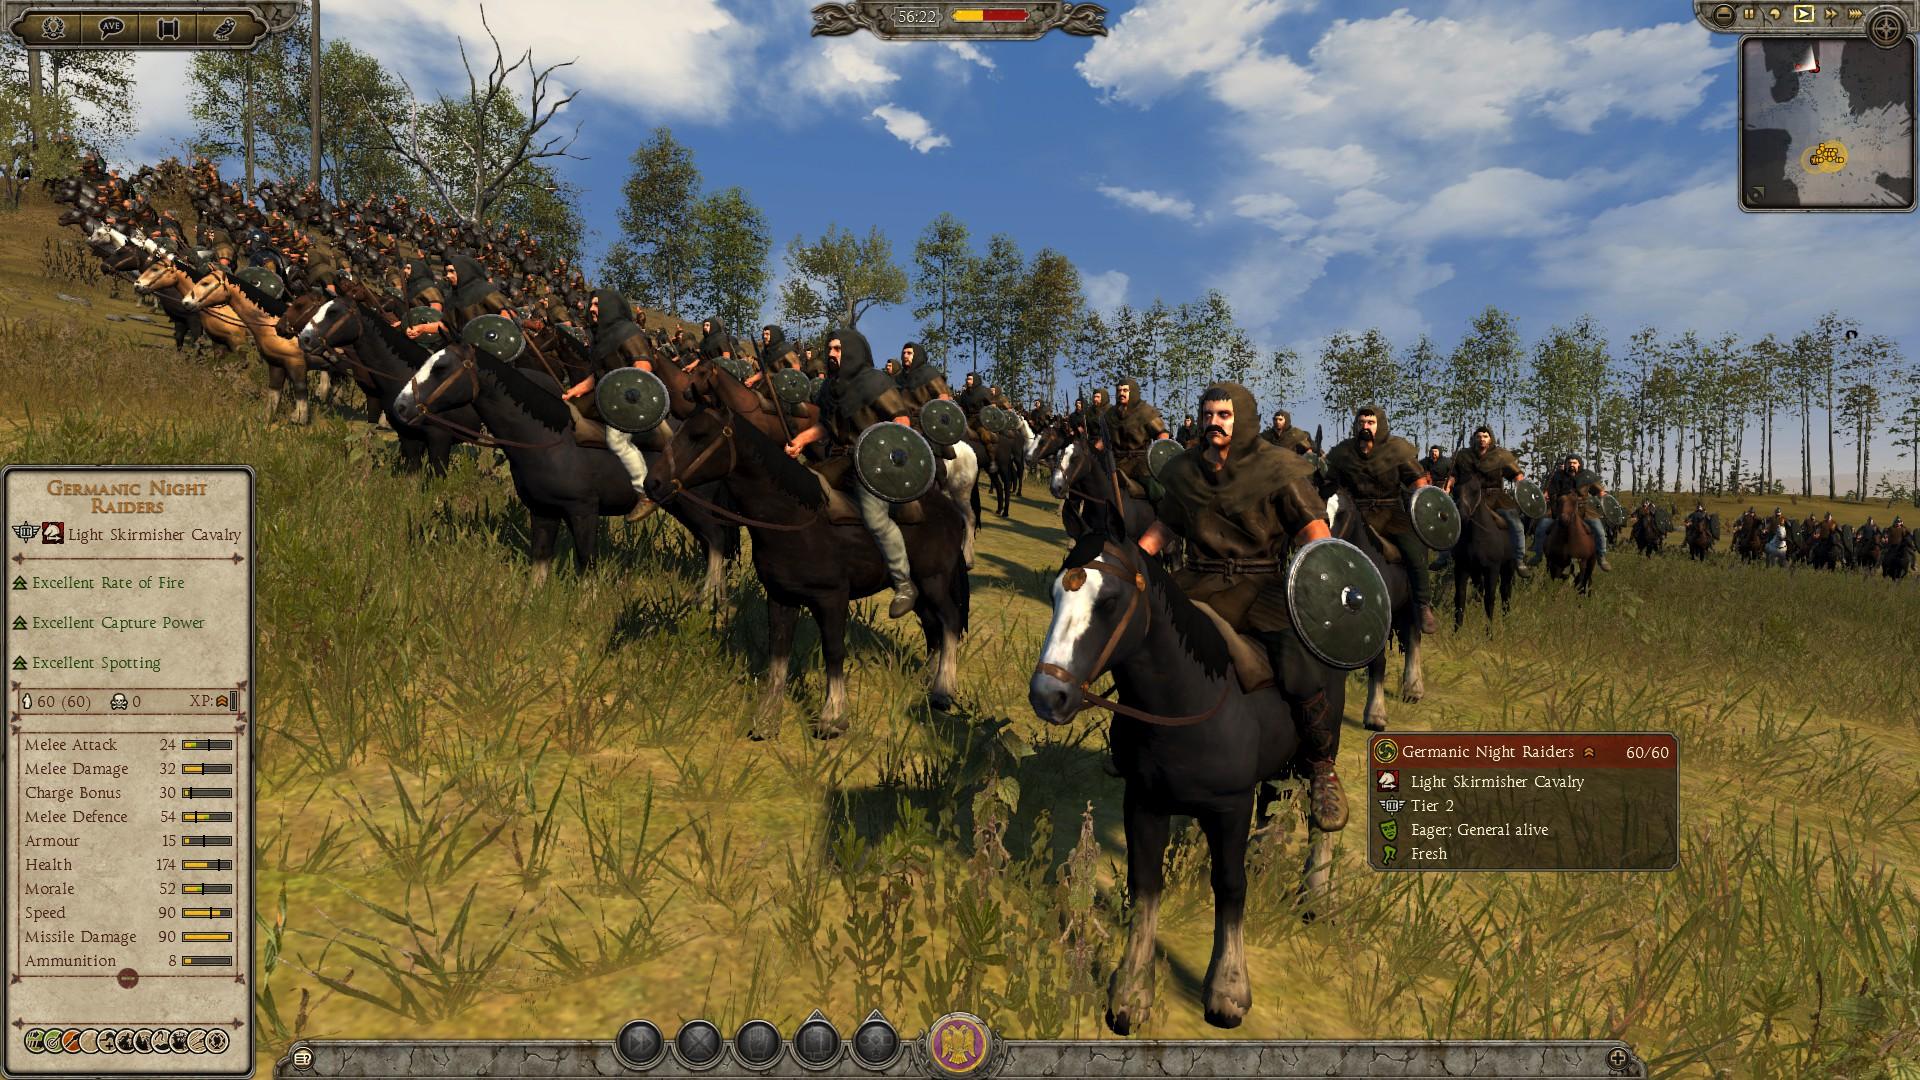 Germanic Night Raiders